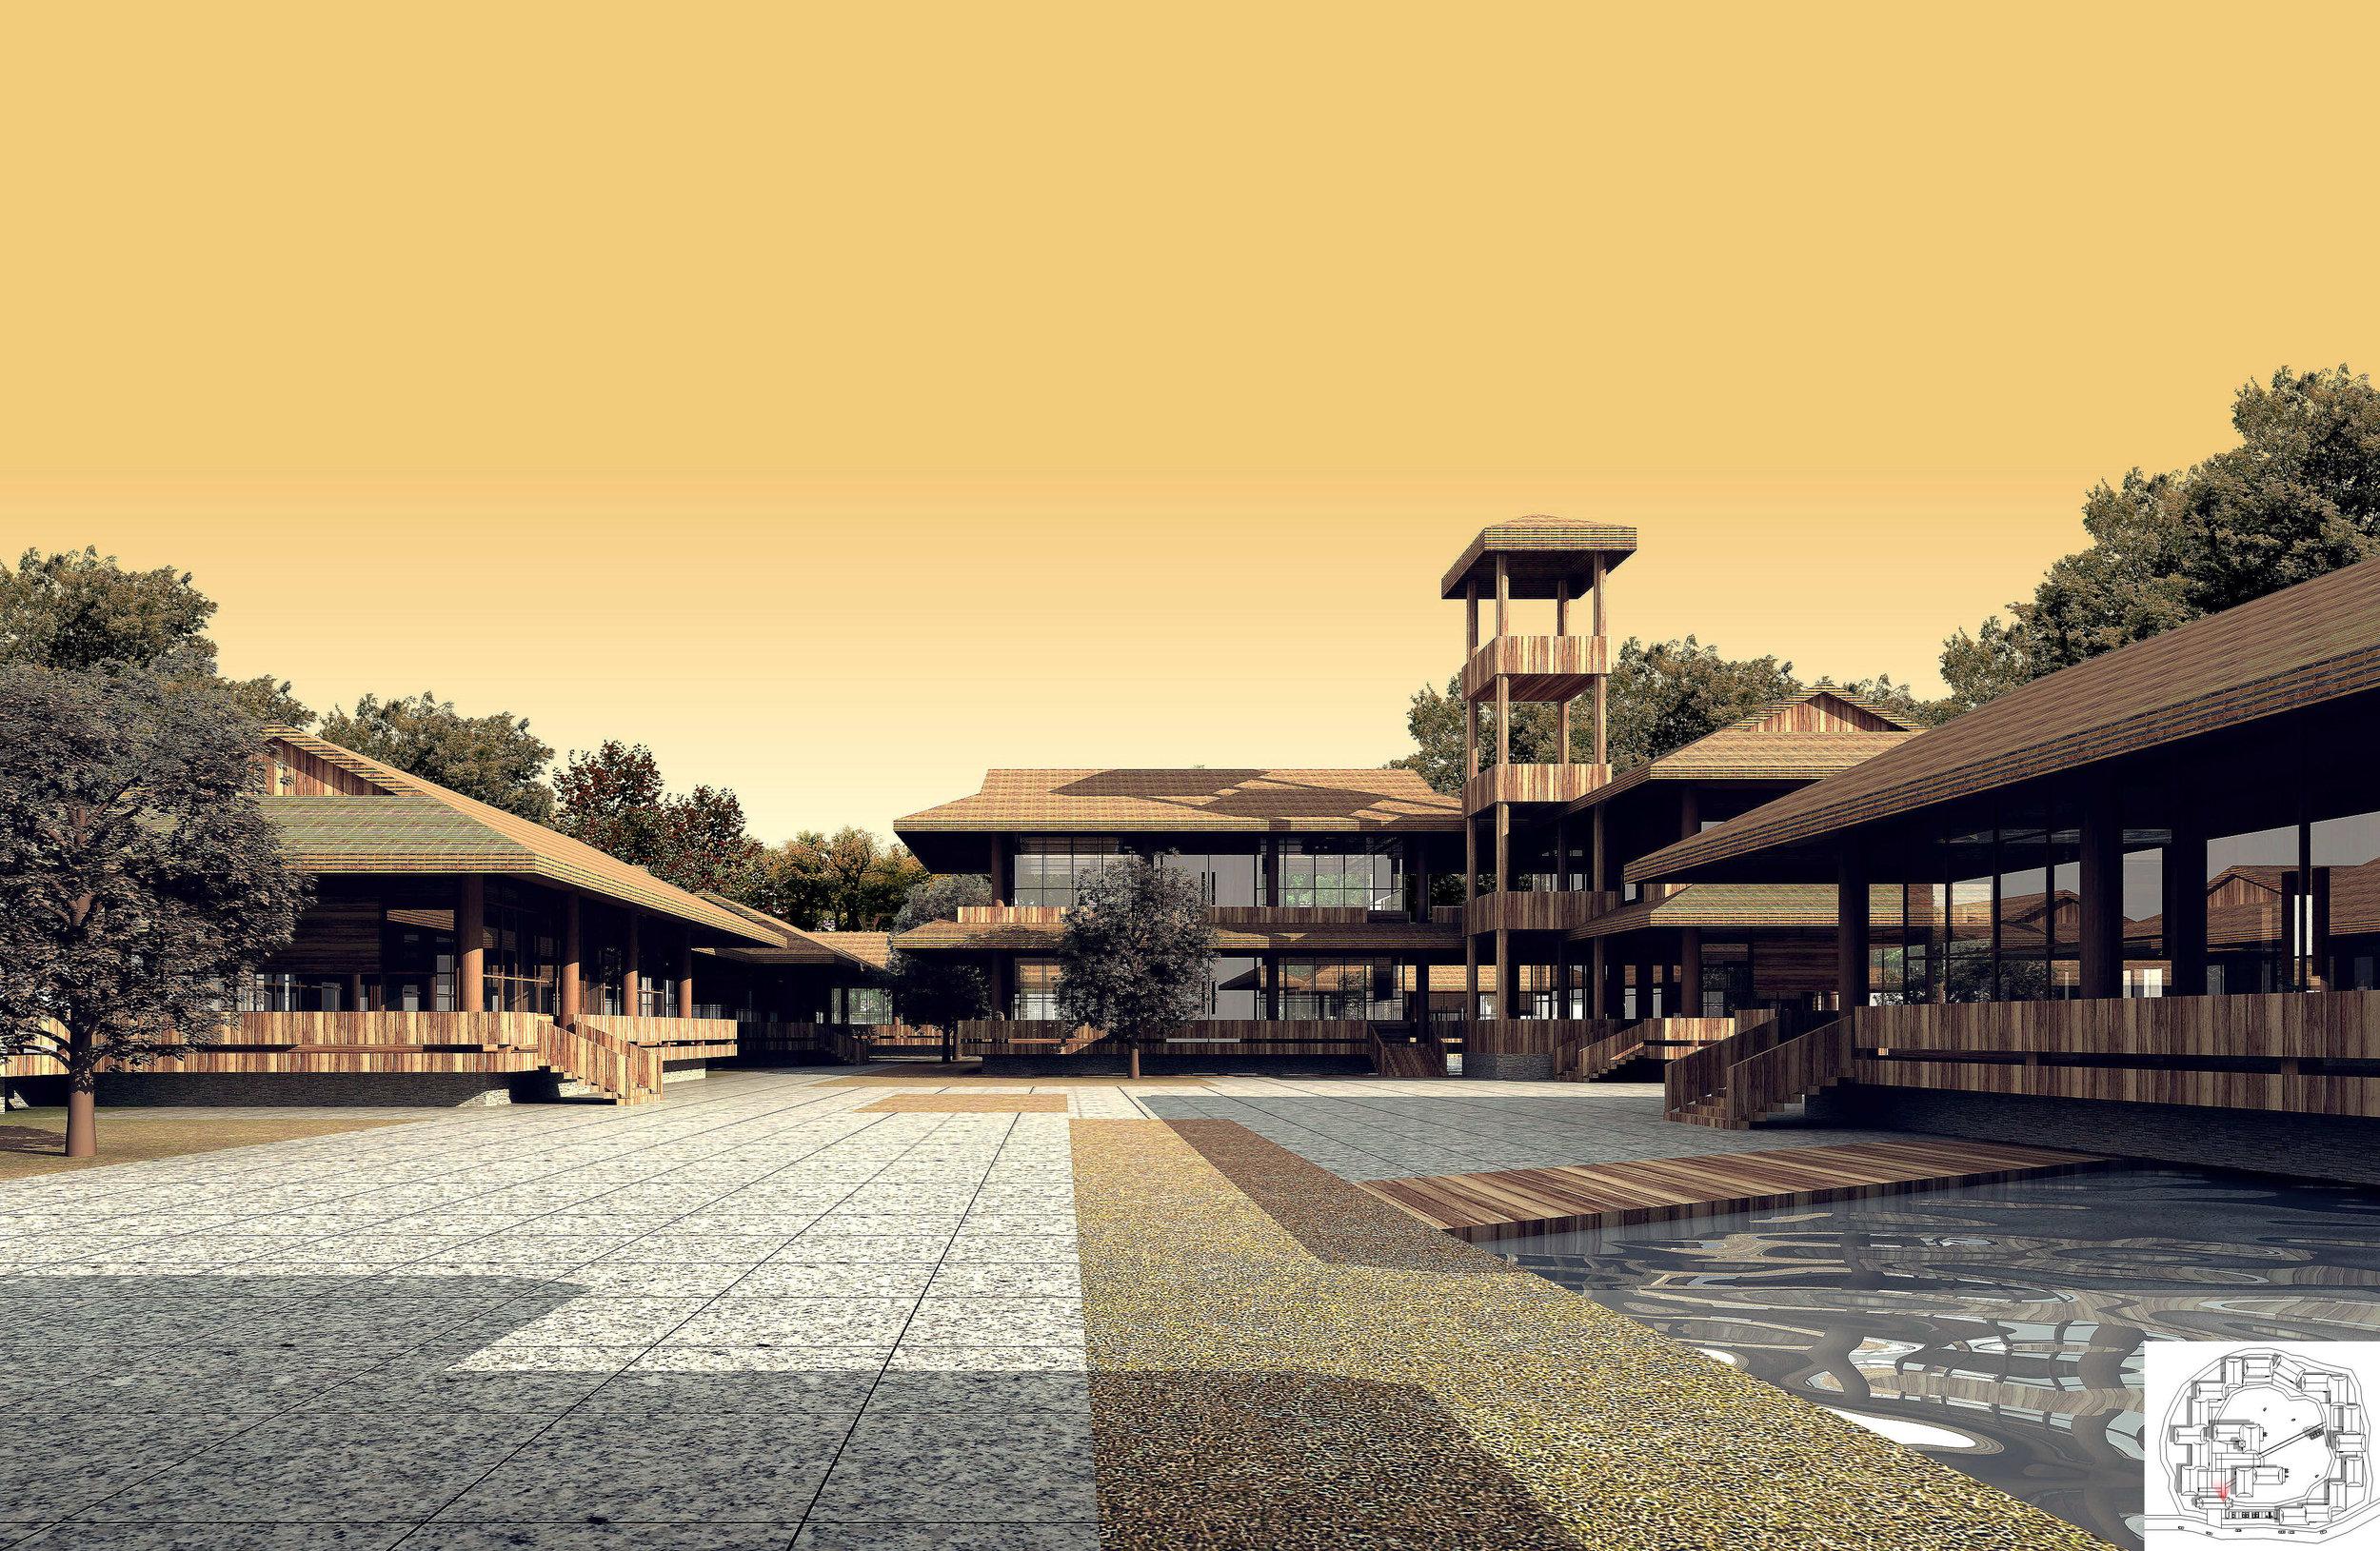 Liaoning Panjin Meijing Hotel